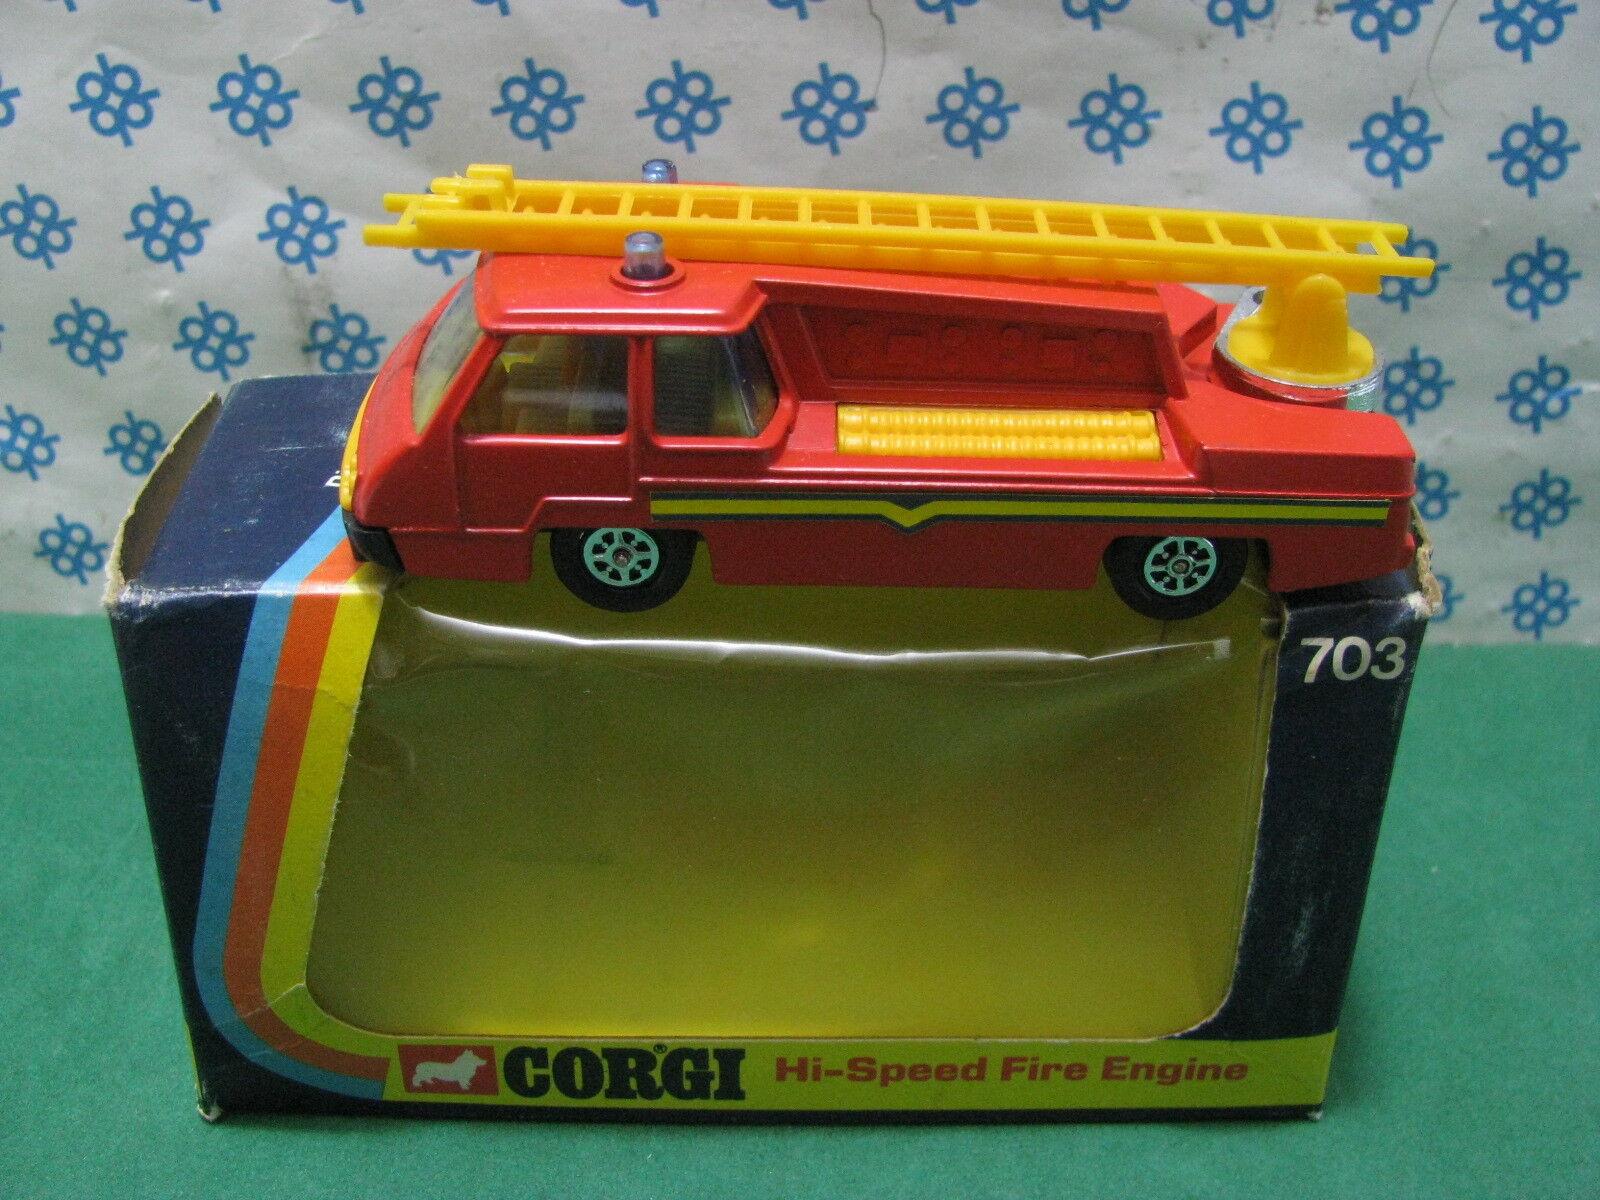 Vintage Corgi Toys 703 - Fire Engine - Fabriqué en Gt. Britain 1975